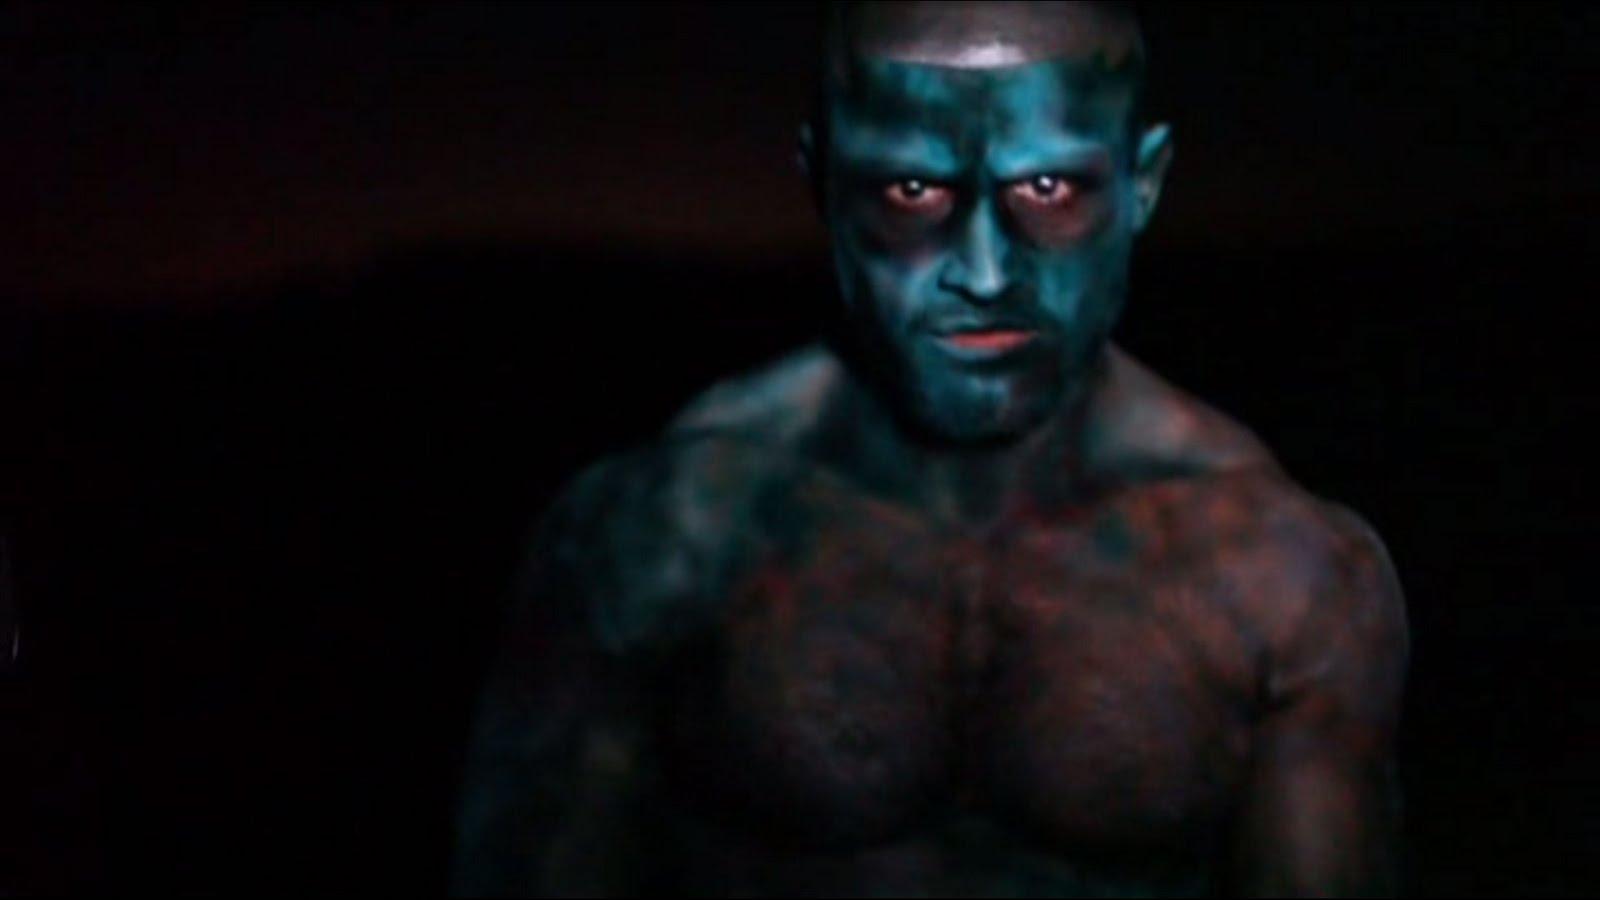 L.A. Zombie de Bruce LaBruce (2010)